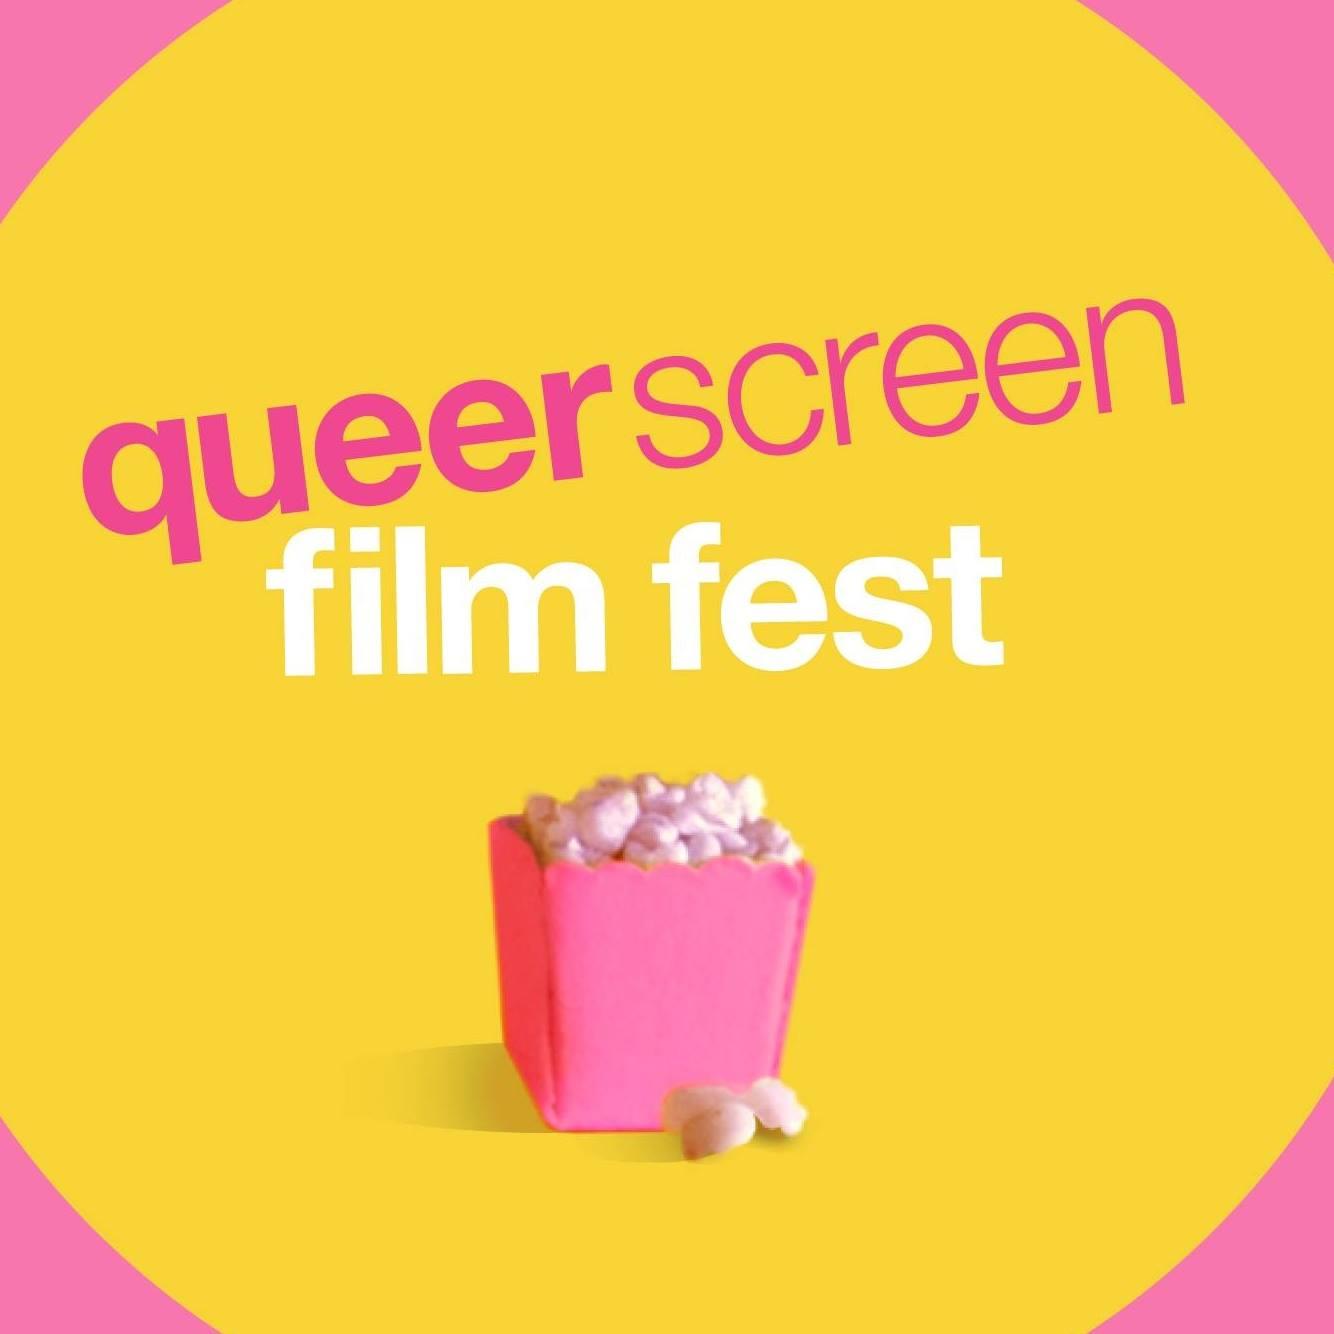 Queer Screen Mardi Gras Film Festival